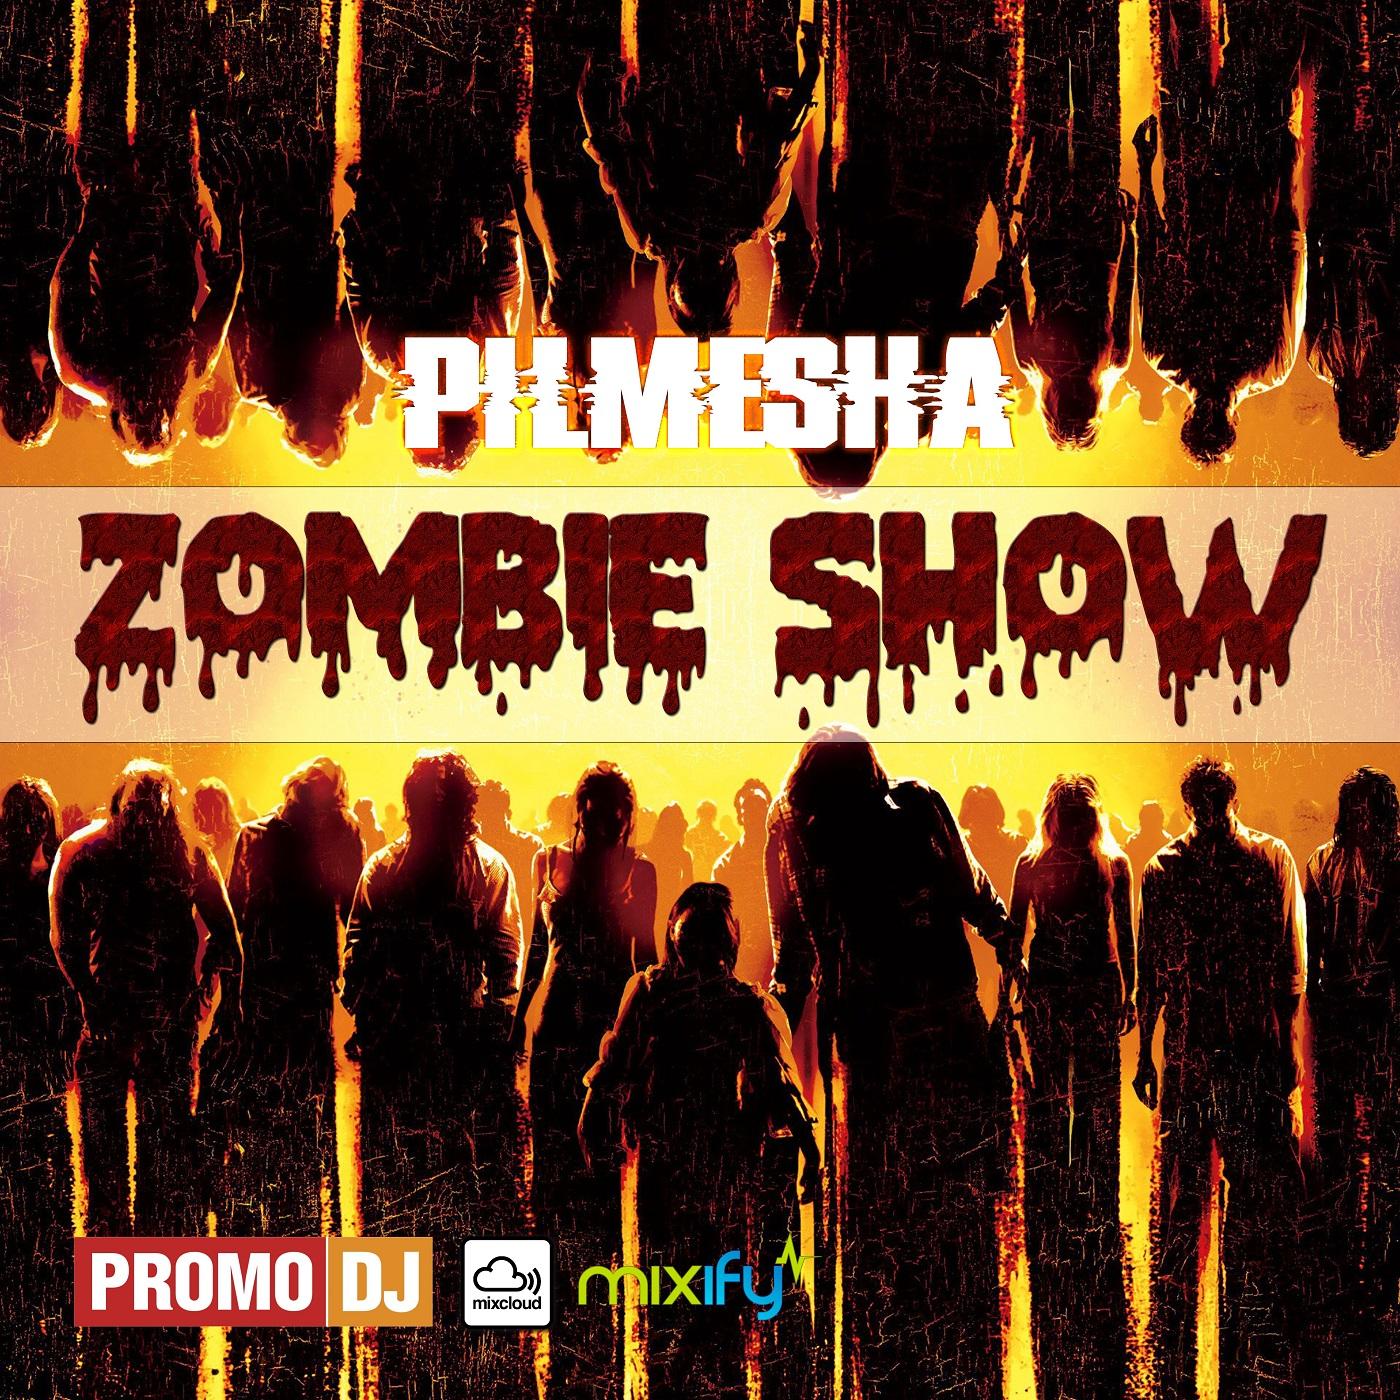 Zombie Show